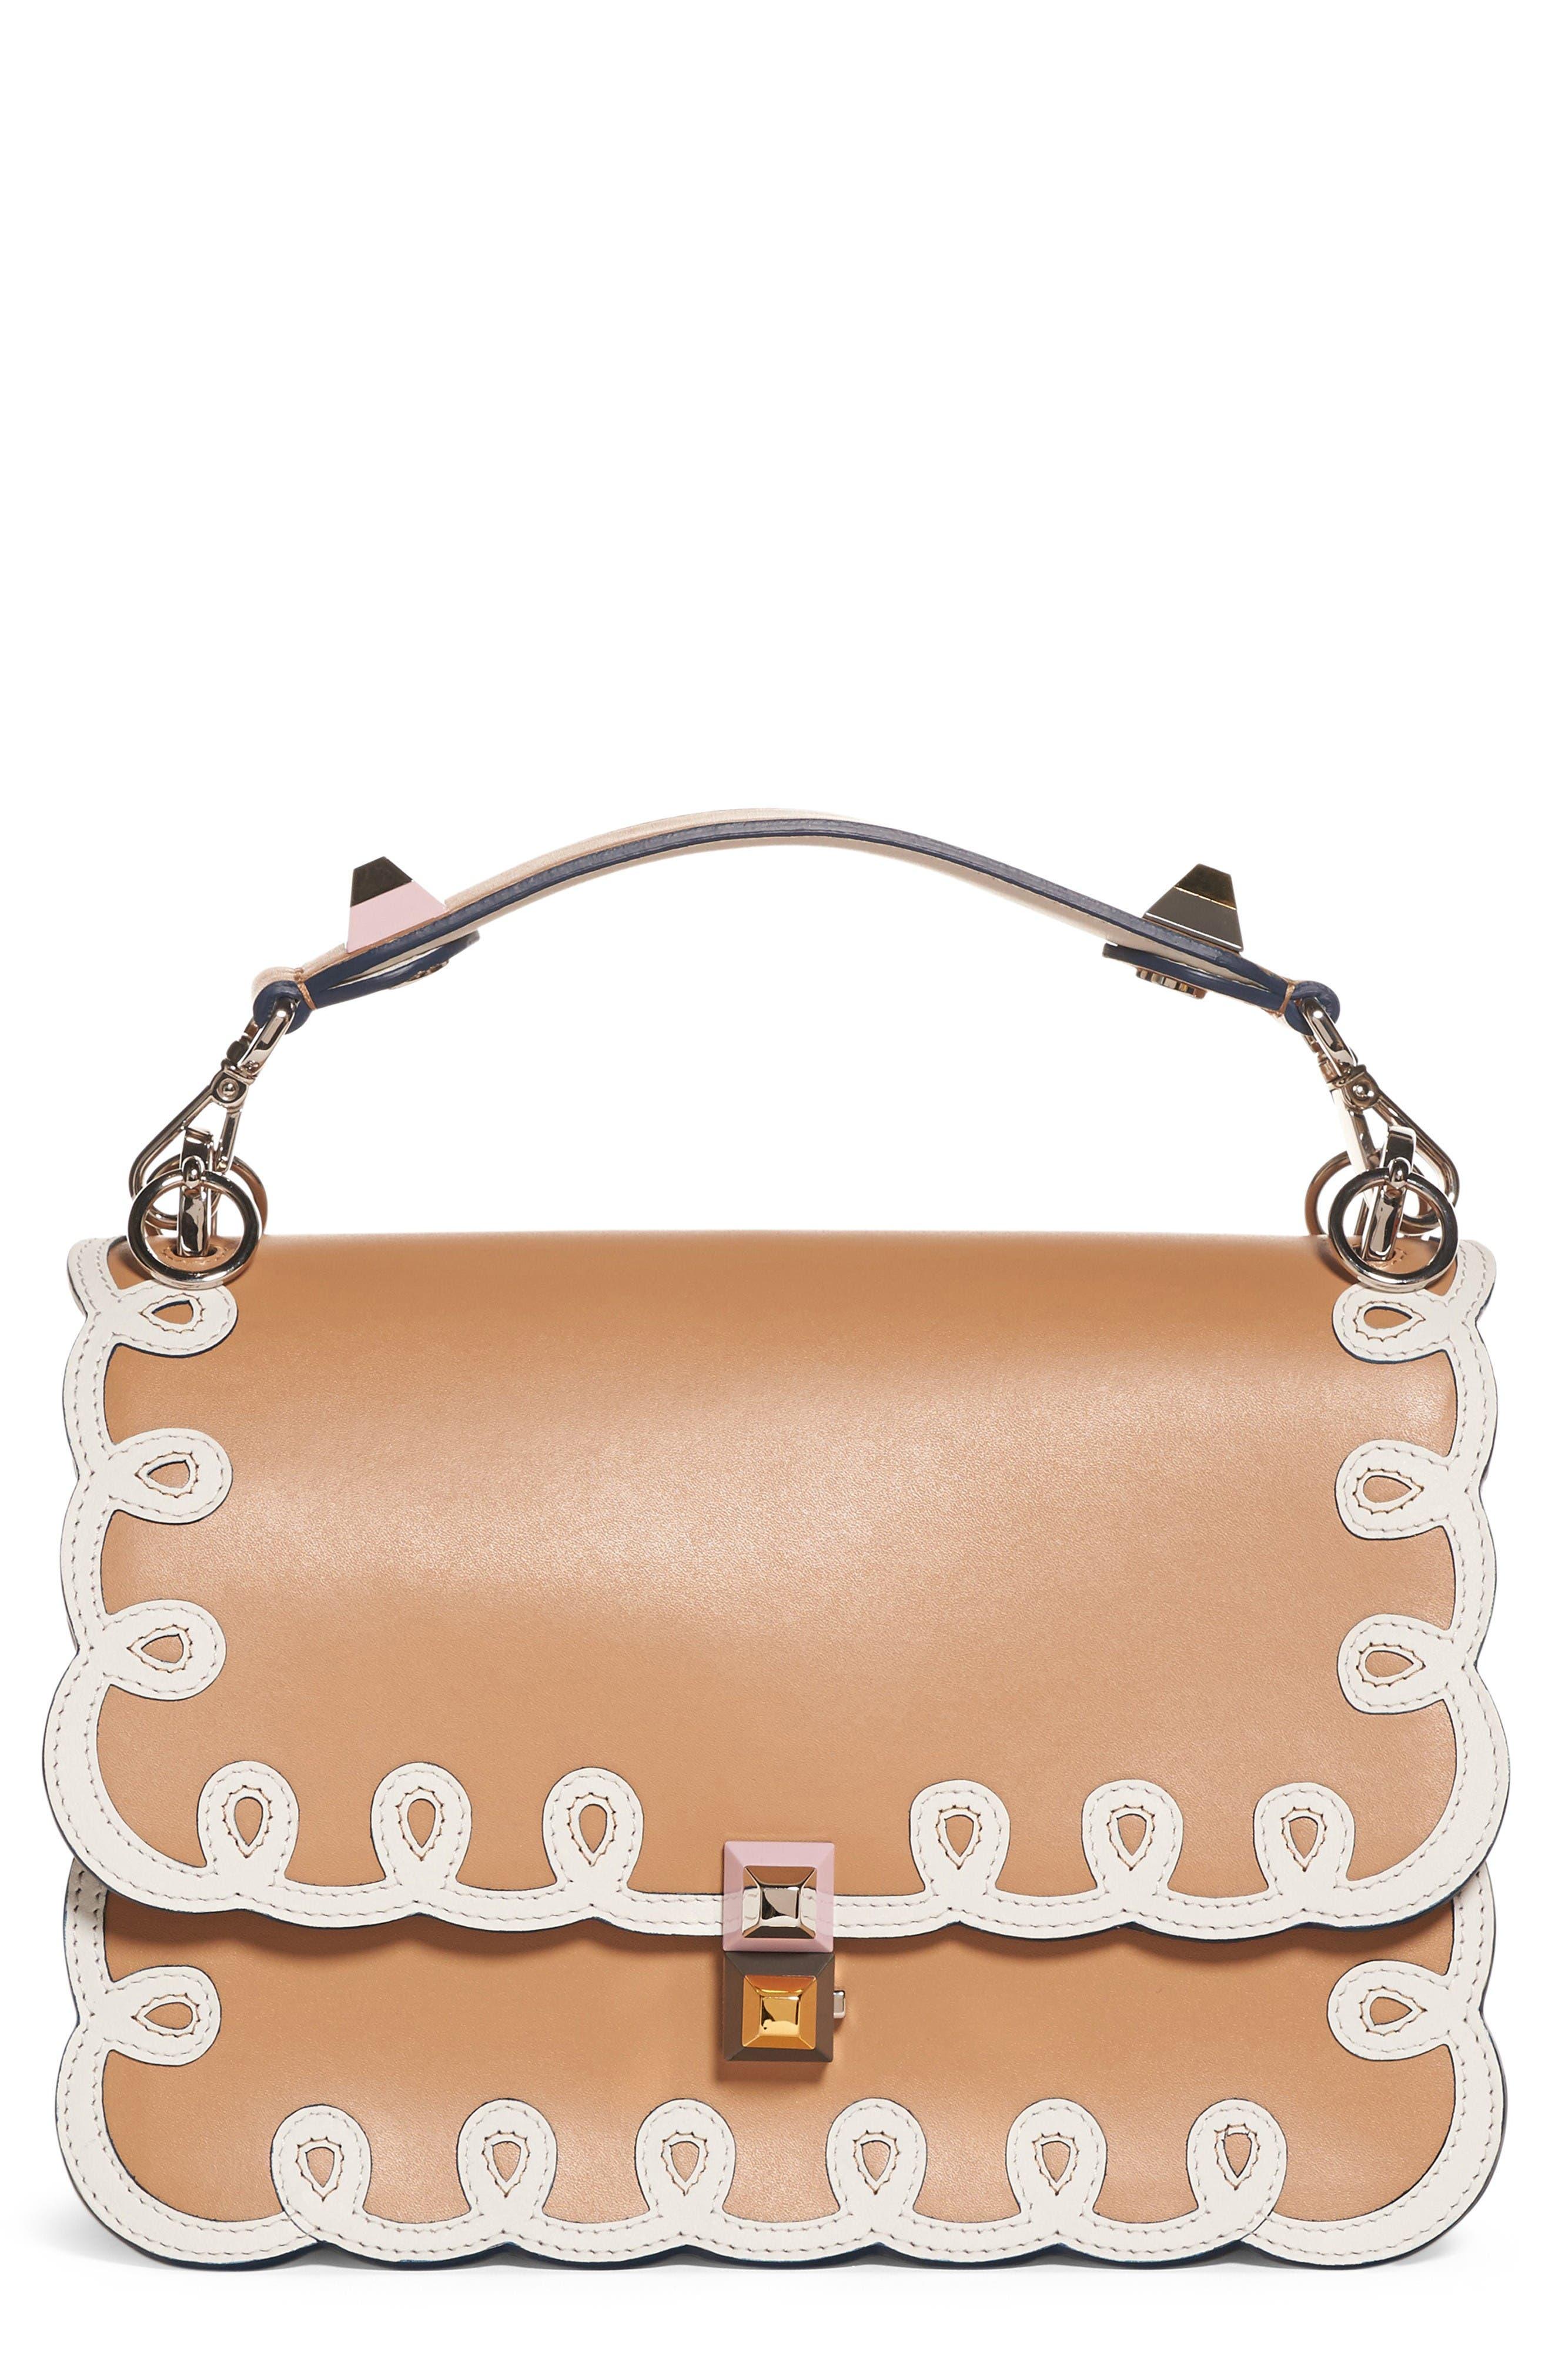 Main Image - Fendi Kan I Scalloped Leather Shoulder Bag